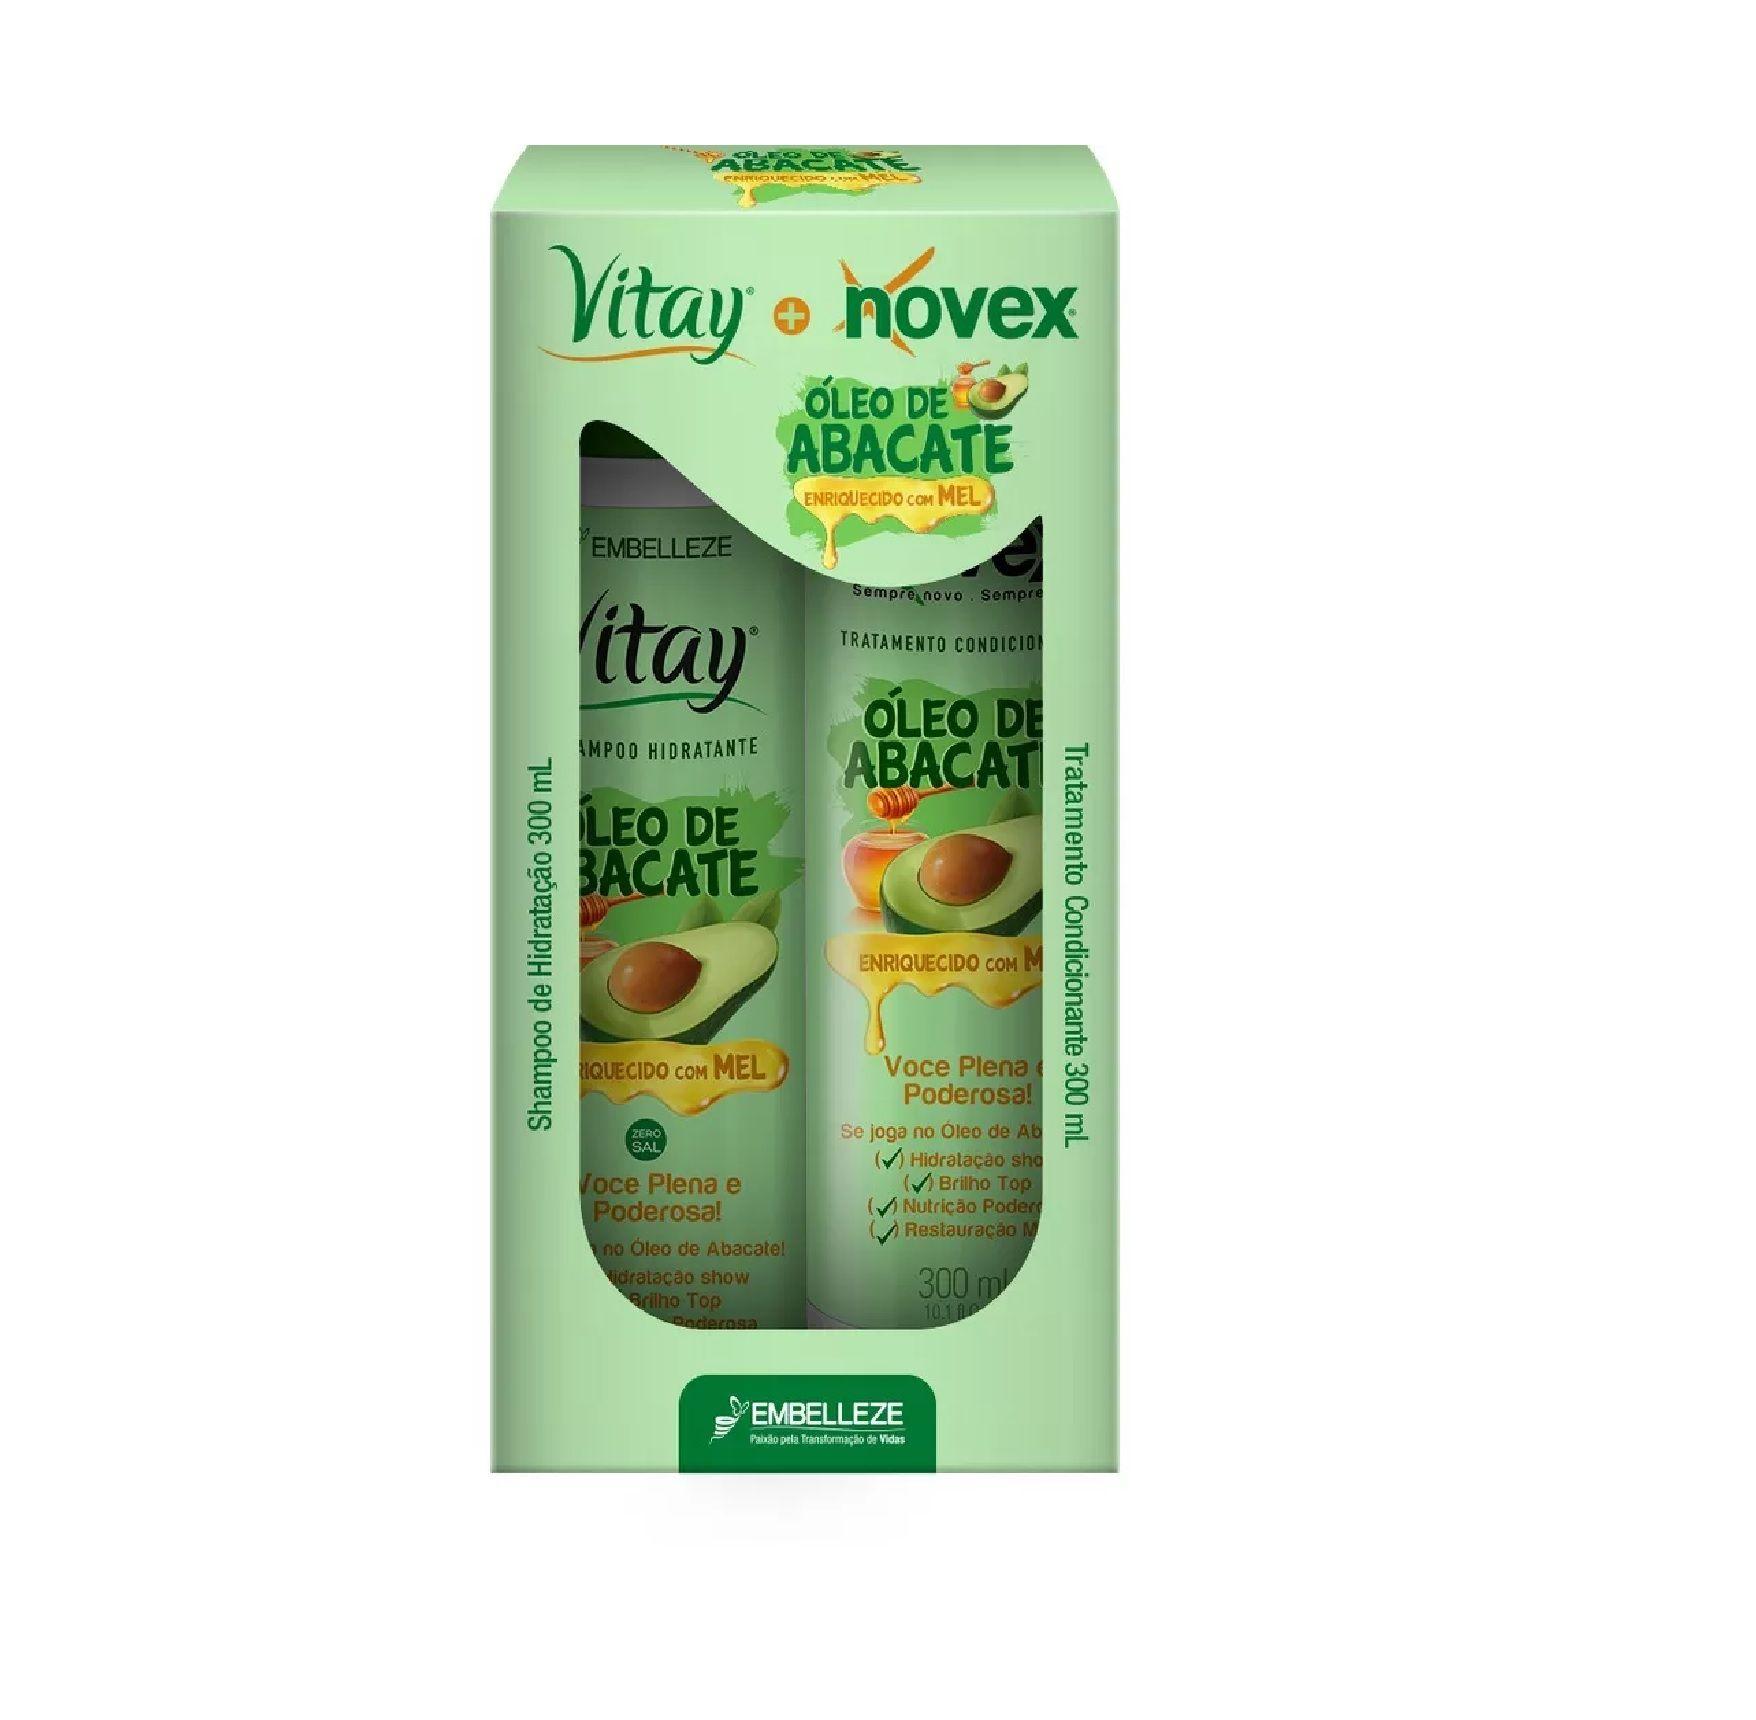 Kit Shampoo e Condicionador Vitay  Novex Óleo de Abacate